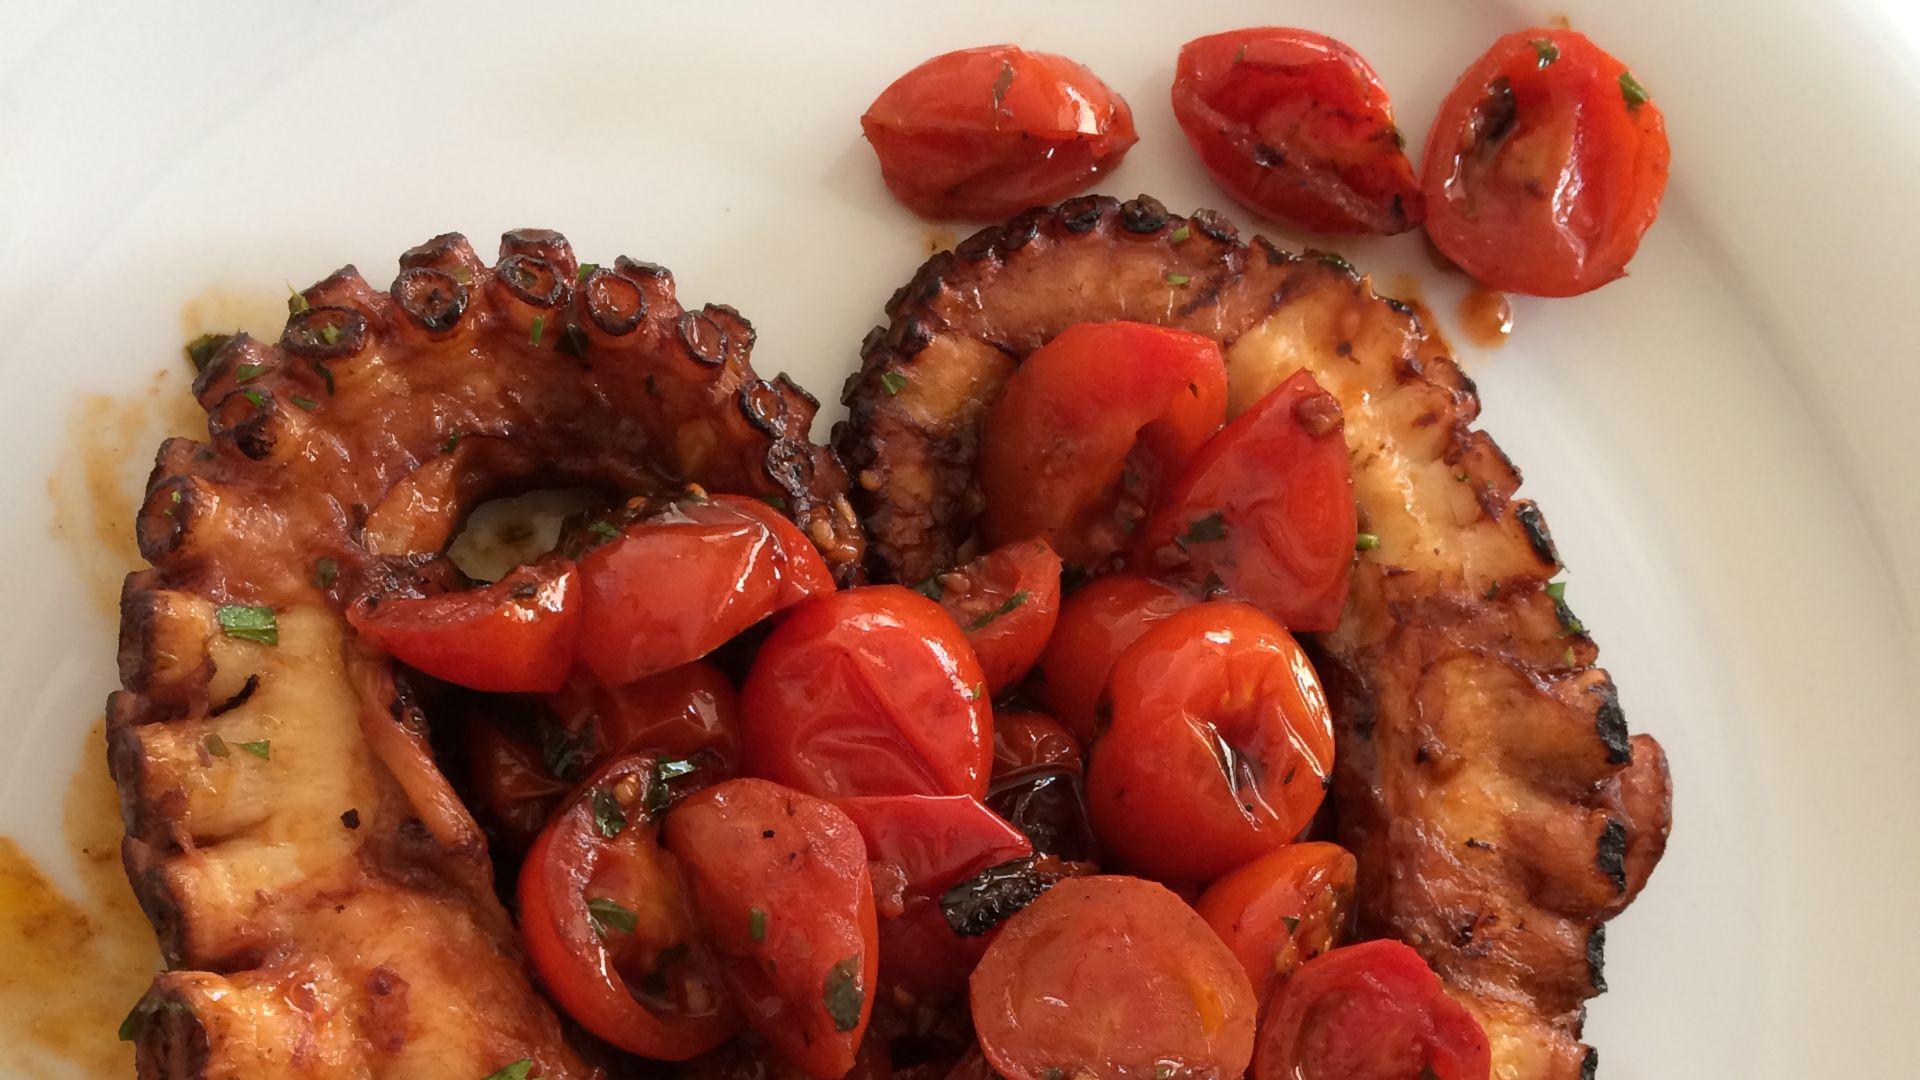 restaurant-grill-dugi-otok-croatia (2)